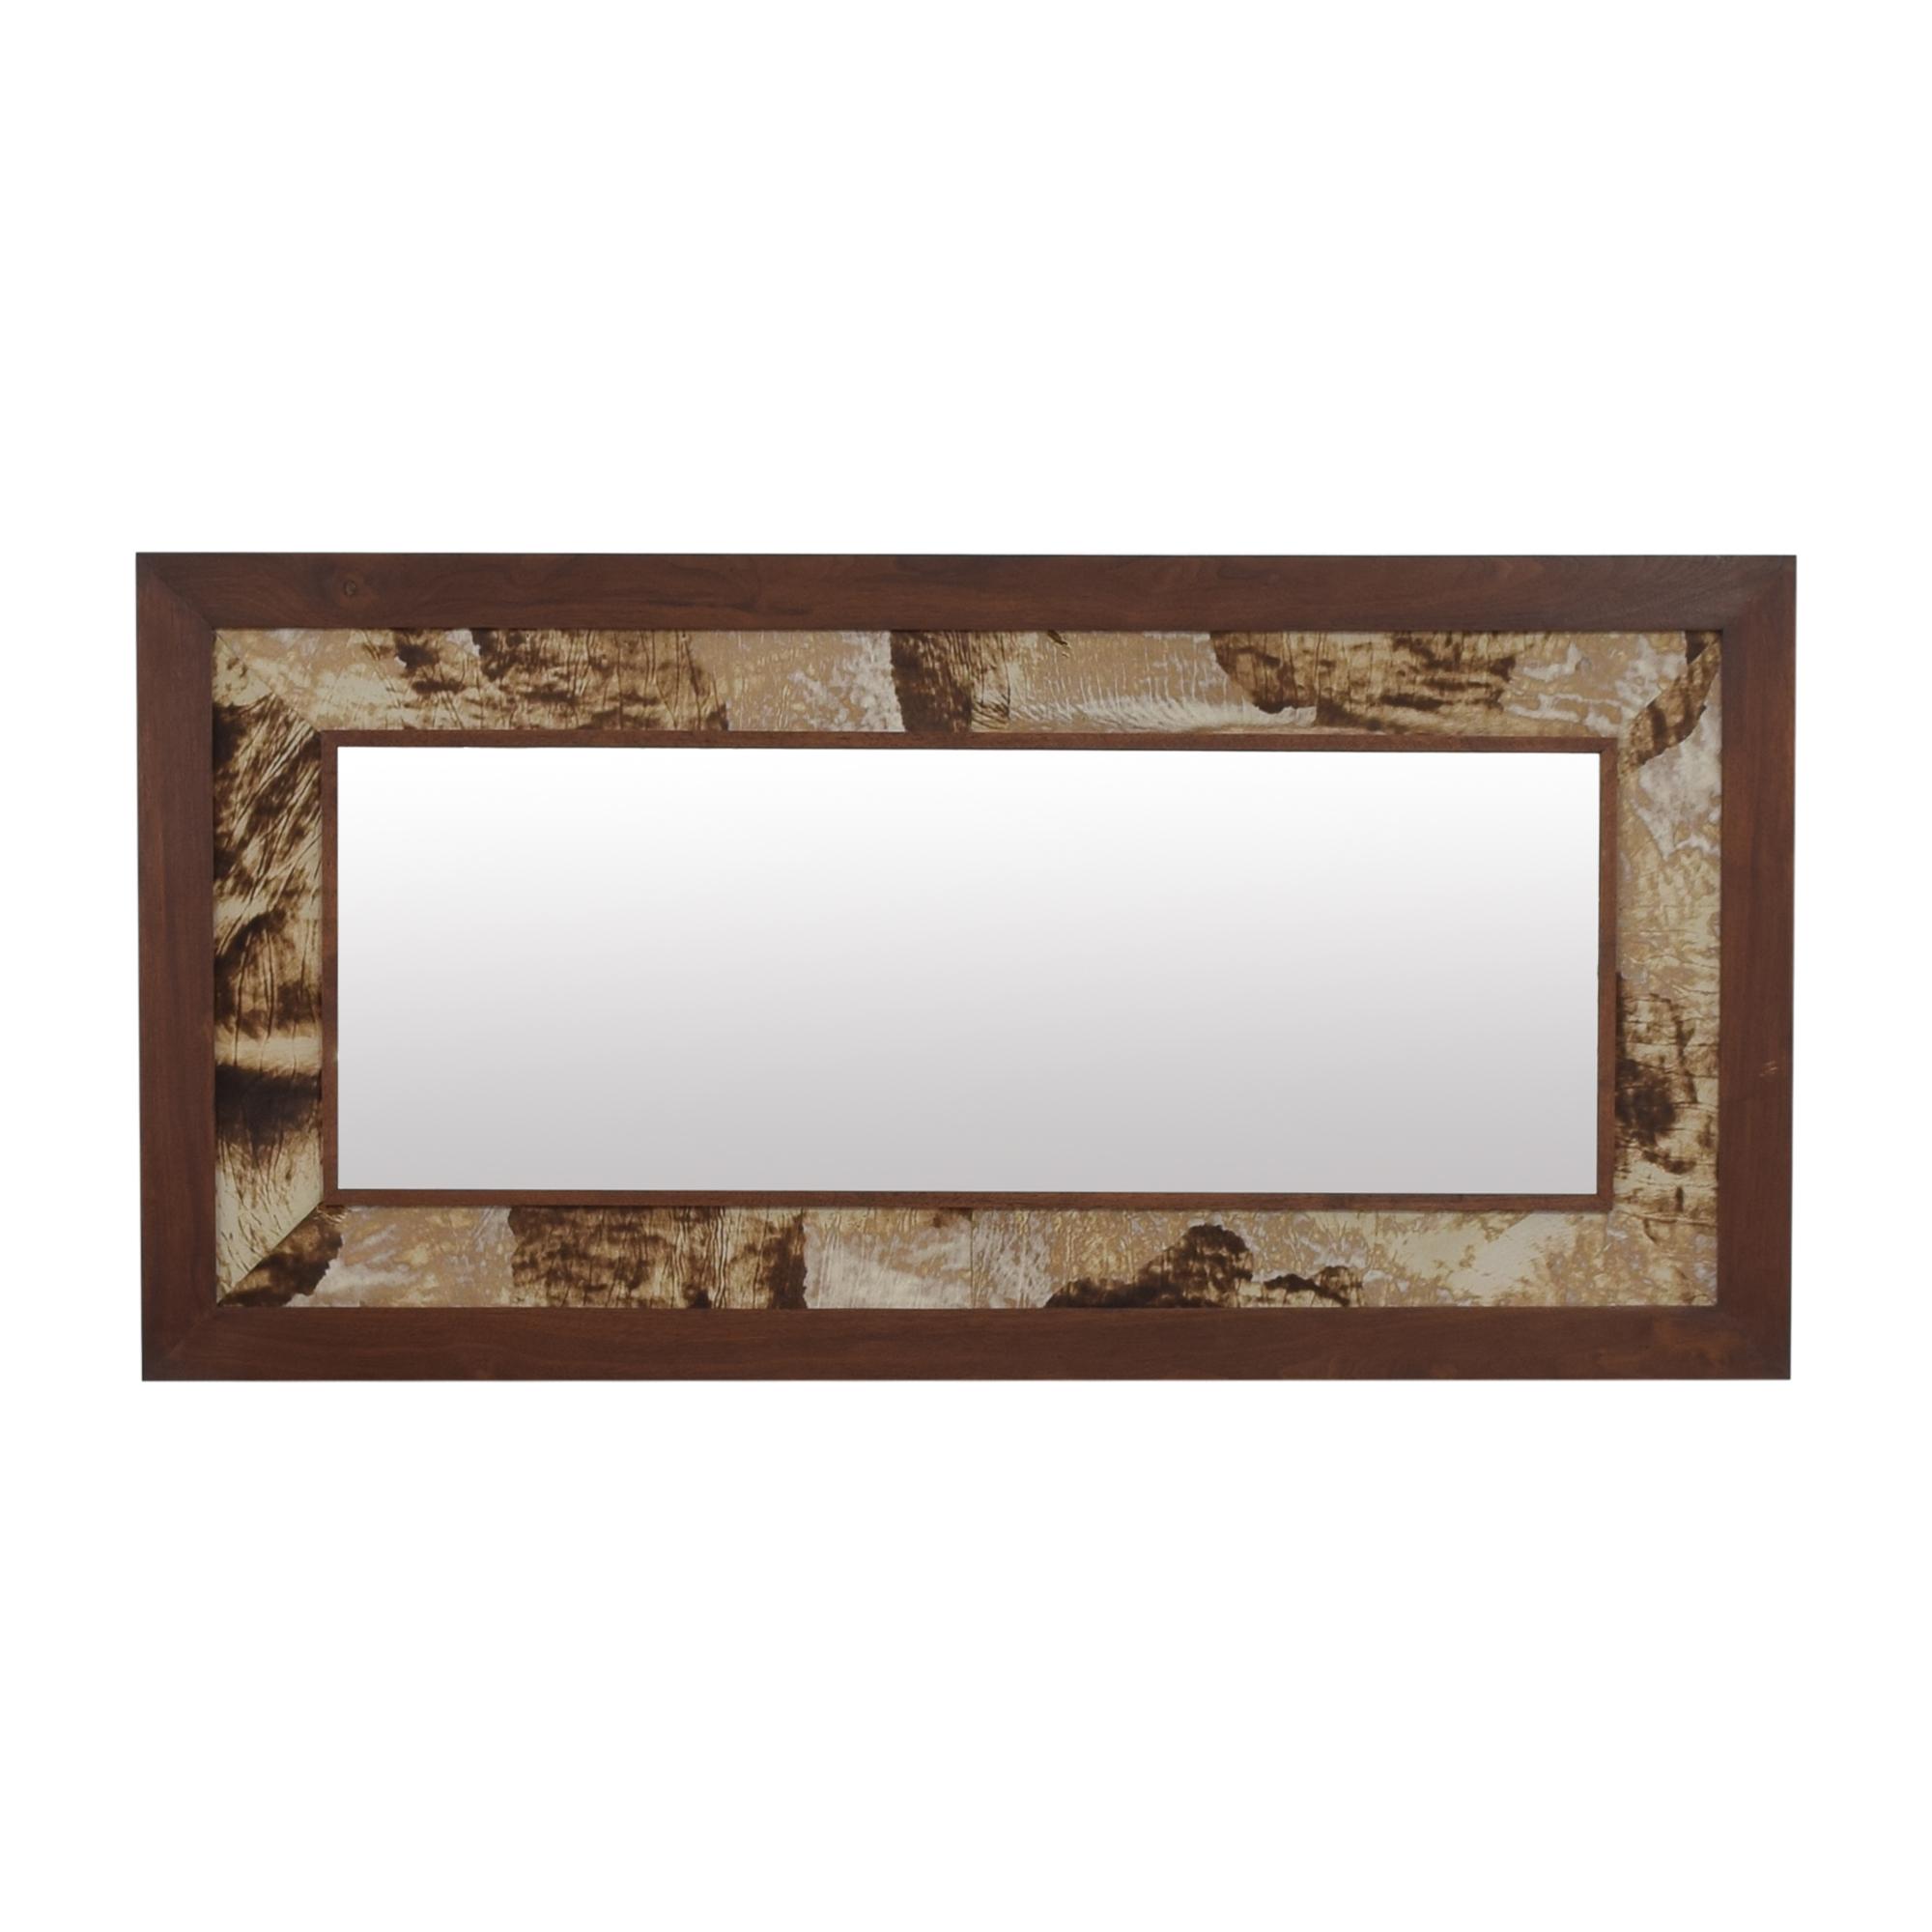 Custom Framed Mirror / Decor